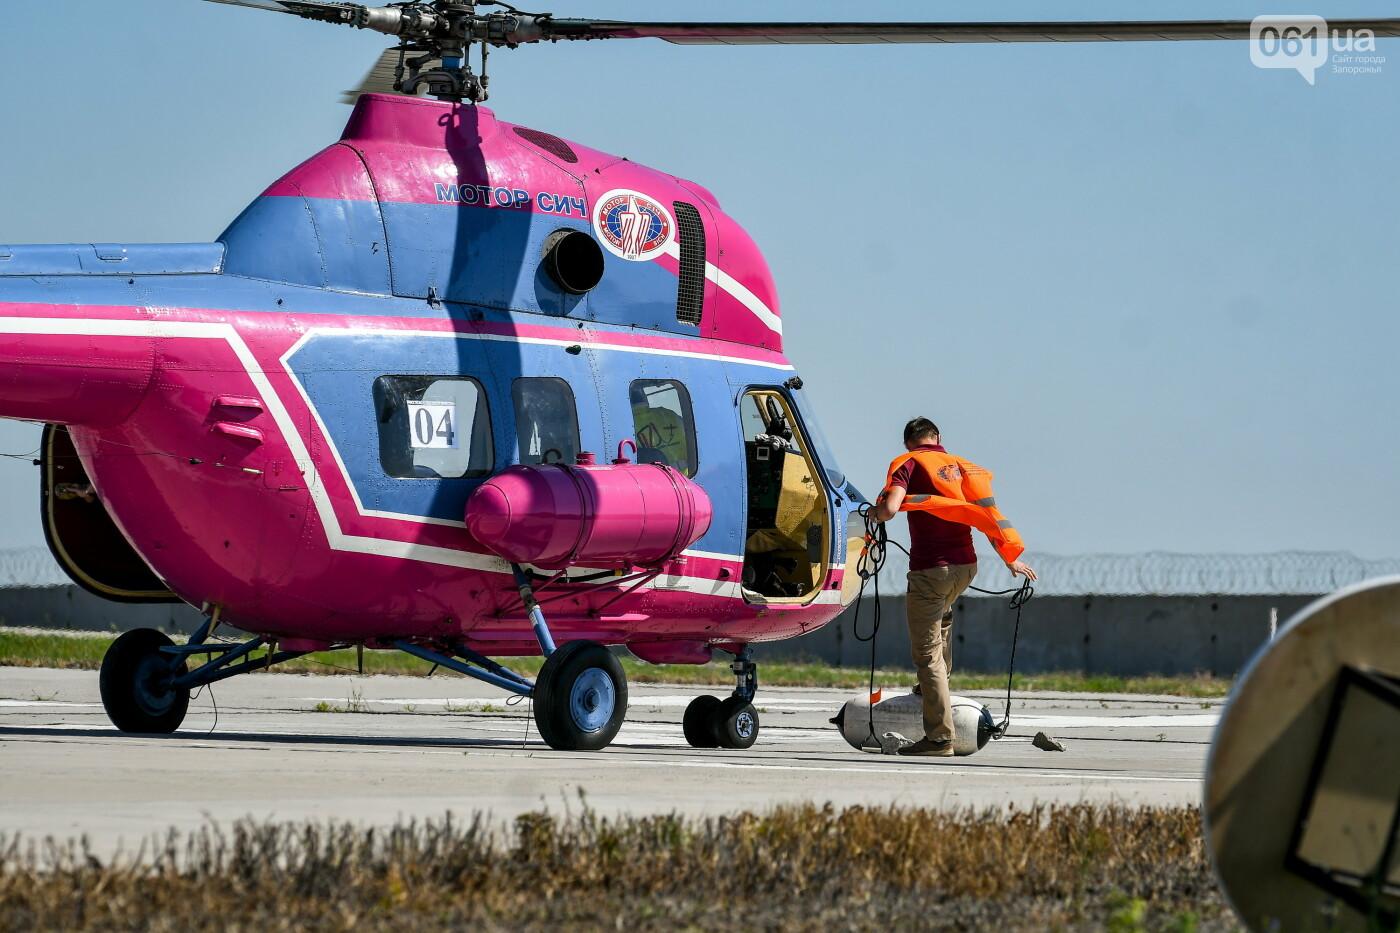 В Запорожье проходят соревнования по вертолетному спорту, - ФОТОРЕПОРТАЖ, фото-15